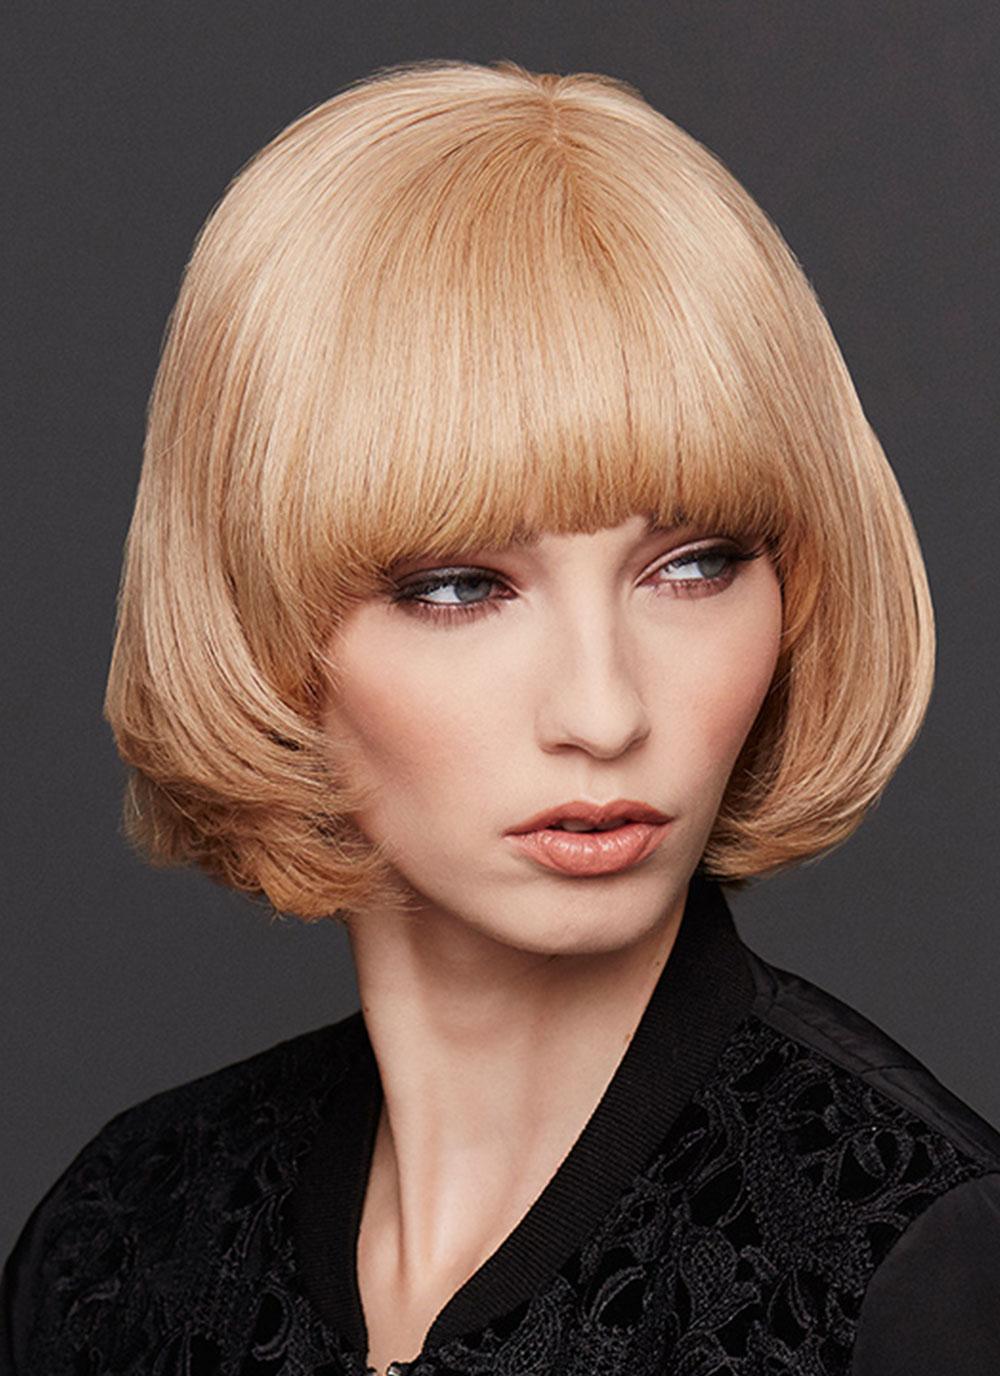 peruca par natural, peruca peruca page echthaar, peruci cluj, peruci timisoara, peruca gisela mayer